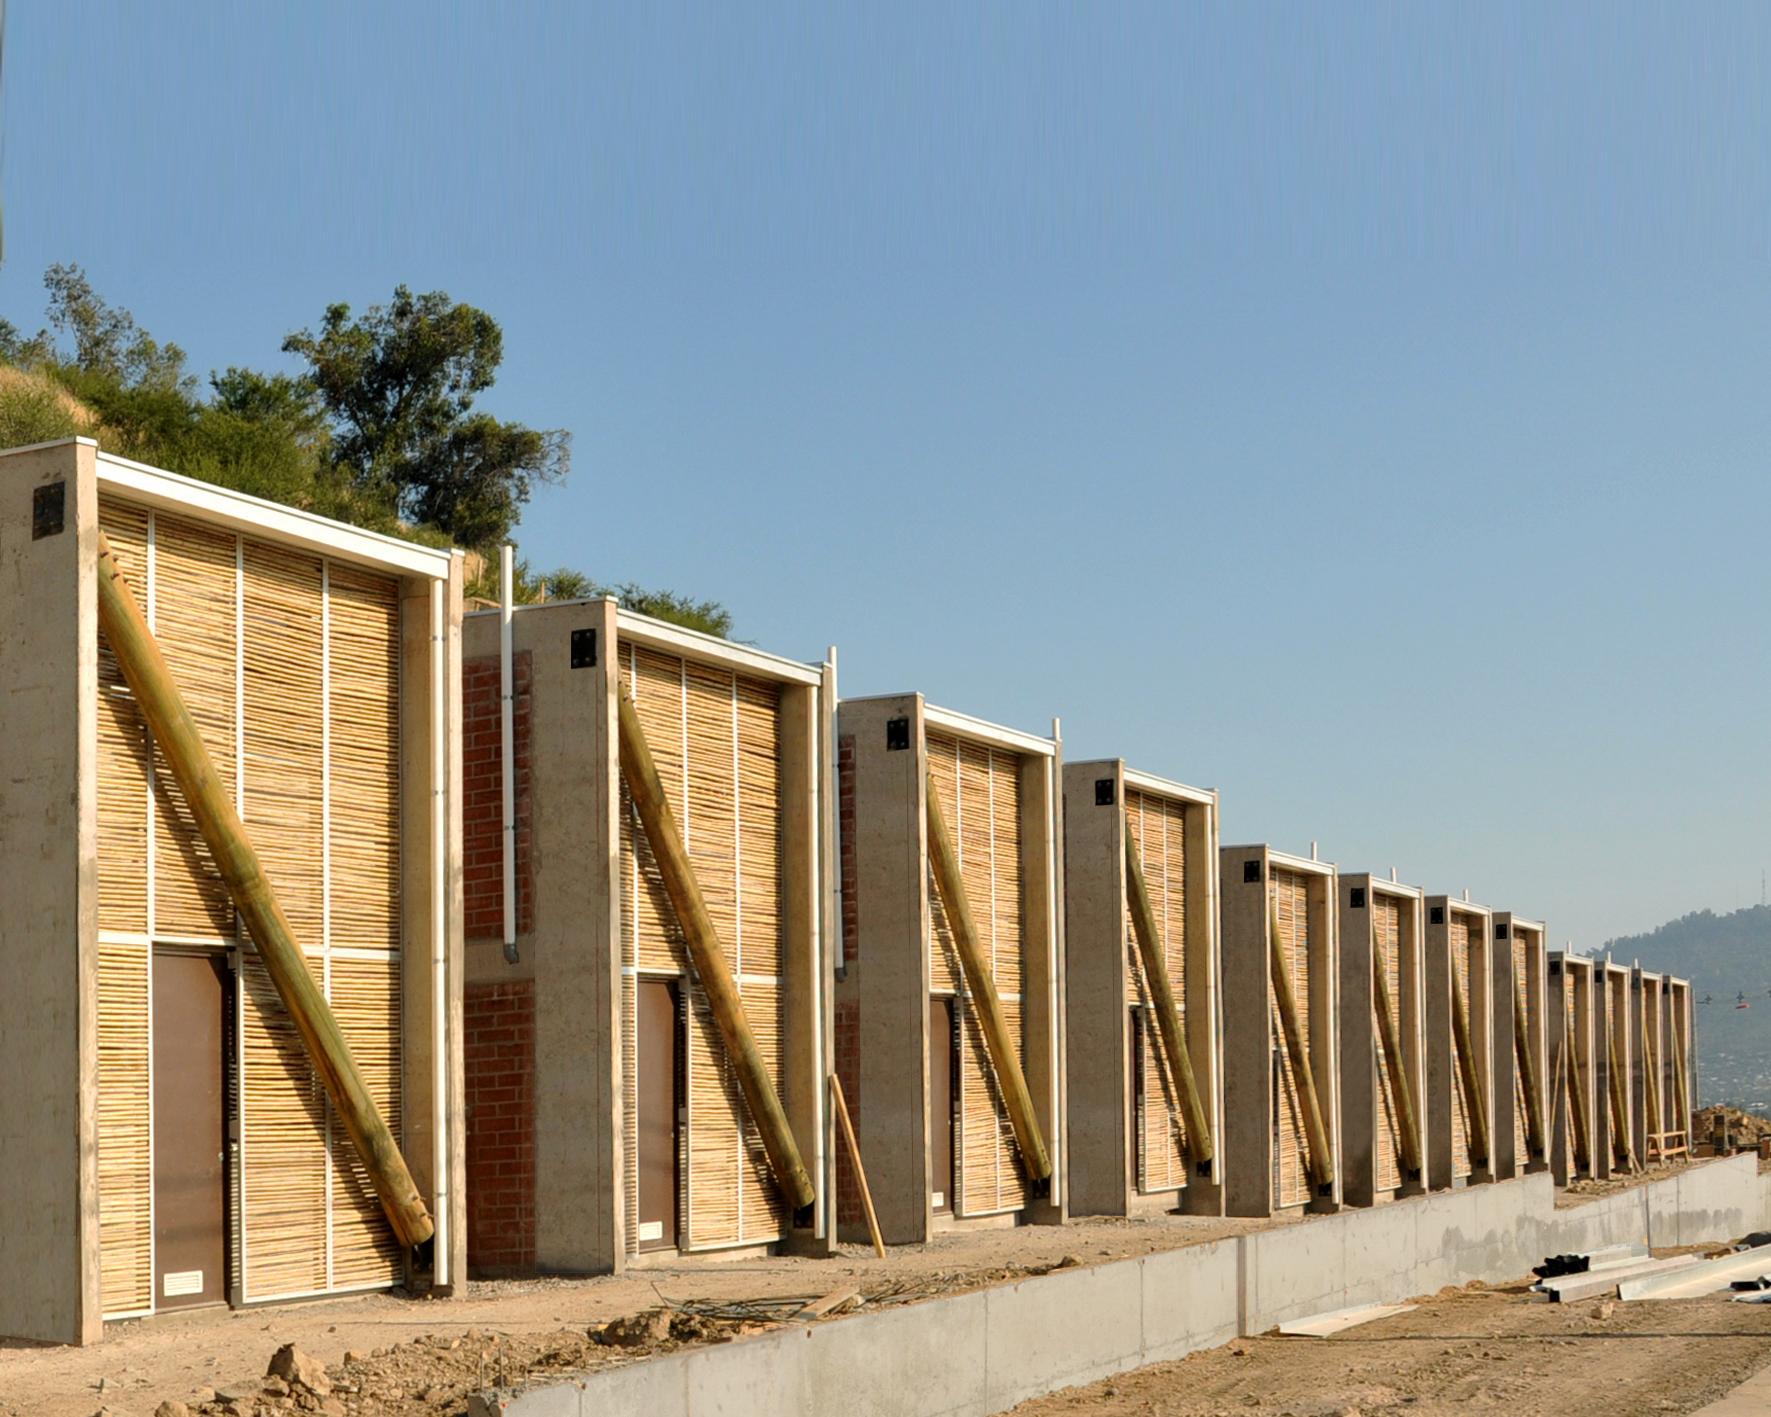 Viviendas ruca undurraga dev s arquitectos plataforma for Plataforma arquitectura